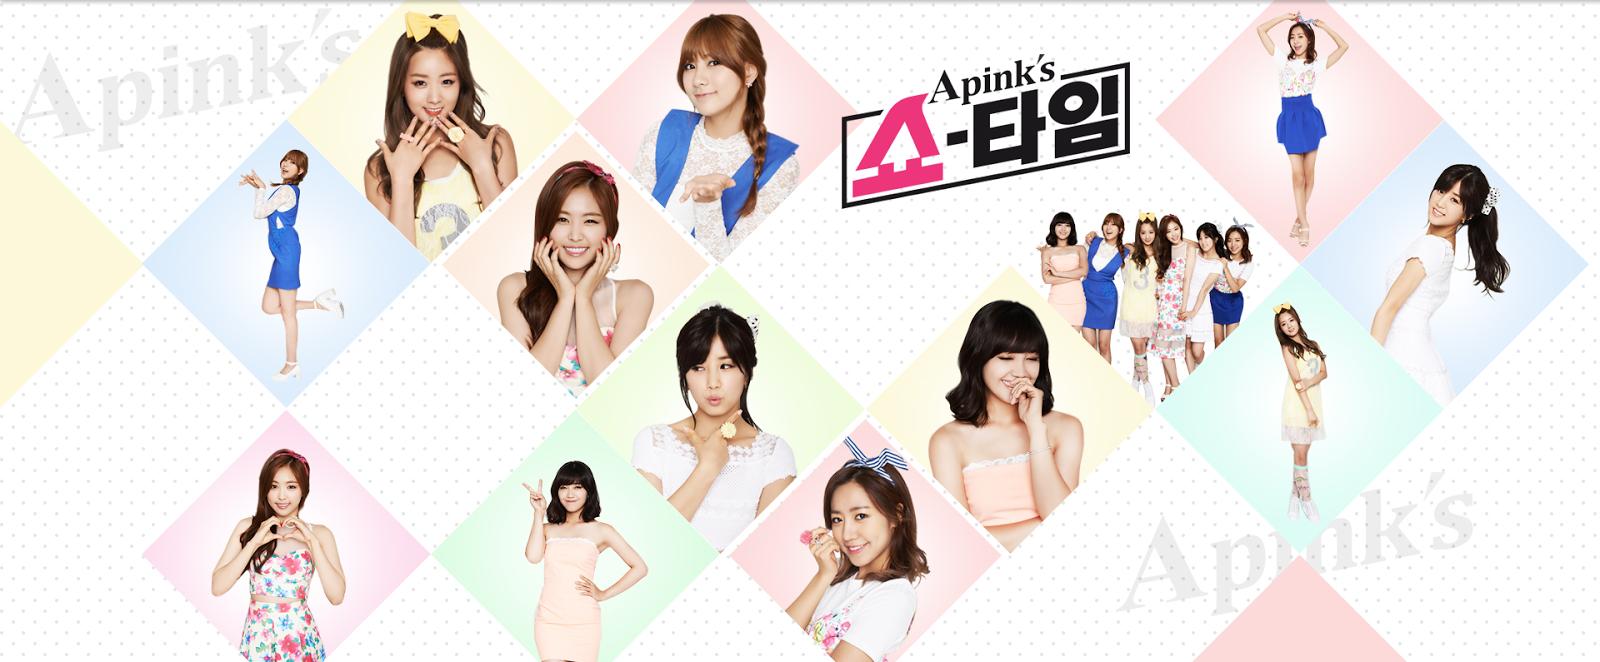 [Show] Apink Showtime E01